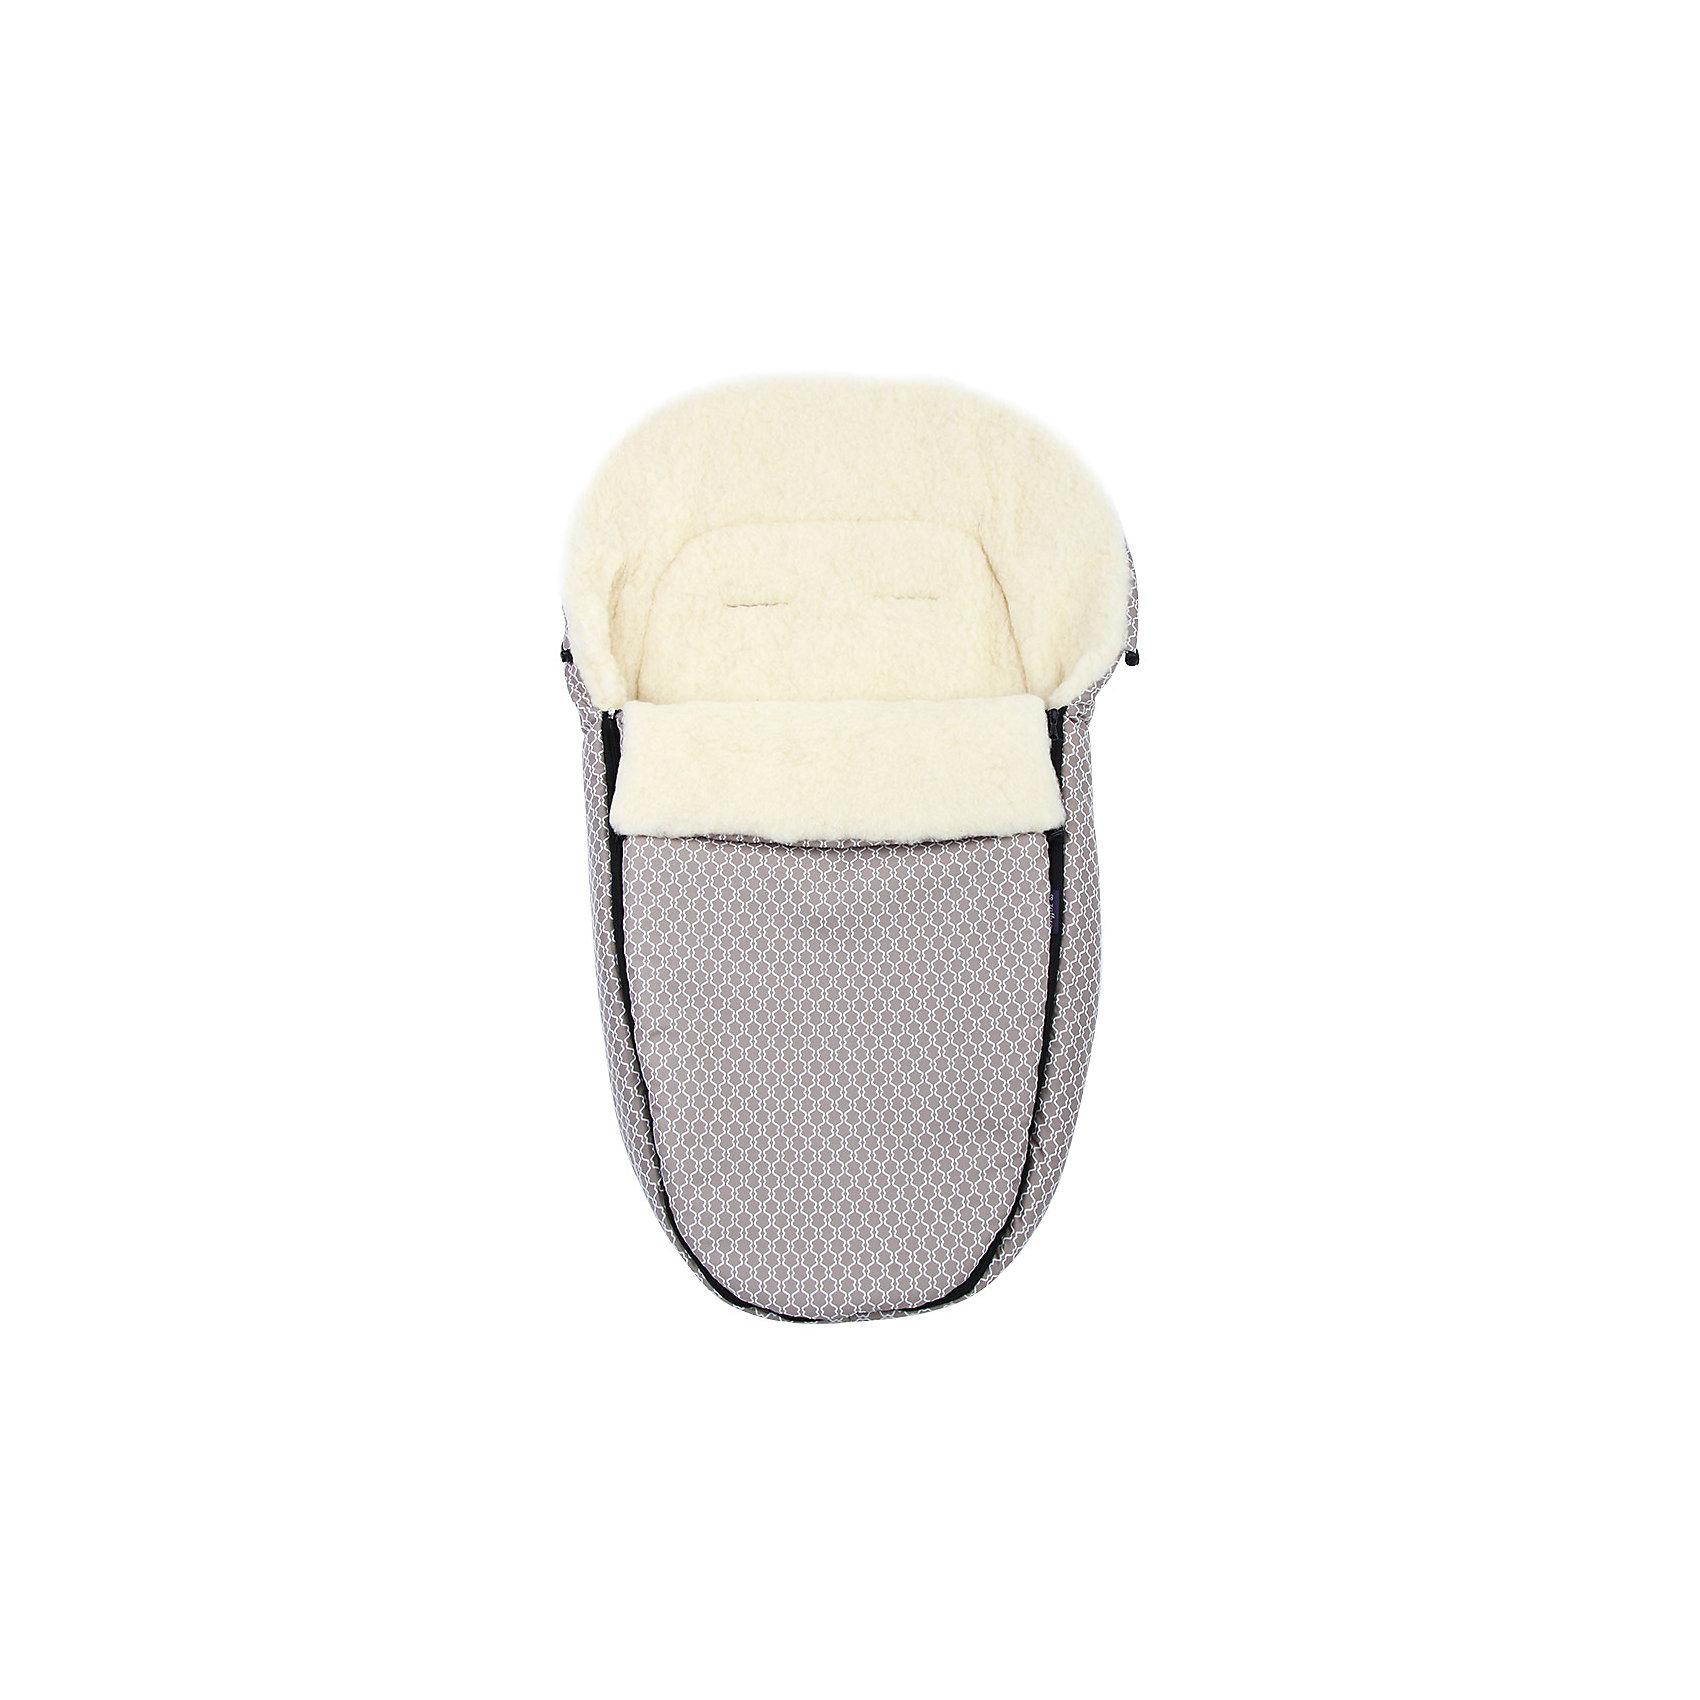 Конверт зимний №S78 Exclusive, 95*50, шерсть, Womar, бежевыйЗимние конверты<br>Конверт зимний №S78 Exclusive, 95*50, шерсть, Womar, бежевый – модная и стильная защита от холода для вашего малыша.<br>Внутри конверта мягкий мех, изготовленный из овчины. Этот материал не вызывает аллергии и безопасен для нежной кожи малыша. Верхняя часть непромокаемая, грязеотталкивающая и не продувается. Также ее можно отстегнуть. Сверху есть шнурок, который можно стянуть как капюшон. Конверт подходит к большинству колясок. Стирать при температуре 30 градусов, не отжимать и не гладить. Есть отверстия для пятиточечного ремня безопасности. <br><br>Дополнительная информация:<br><br>- материал: внутренняя часть – натуральная овечья шерсть, внешняя – 100% полиэстер<br>- размер: 95х50 см<br>- цвет: бежевый<br><br>Конверт зимний №S78 Exclusive, 95*50, шерсть, Womar, бежевый можно купить в нашем интернет магазине.<br><br>Ширина мм: 950<br>Глубина мм: 500<br>Высота мм: 100<br>Вес г: 500<br>Возраст от месяцев: 0<br>Возраст до месяцев: 12<br>Пол: Унисекс<br>Возраст: Детский<br>SKU: 4981804